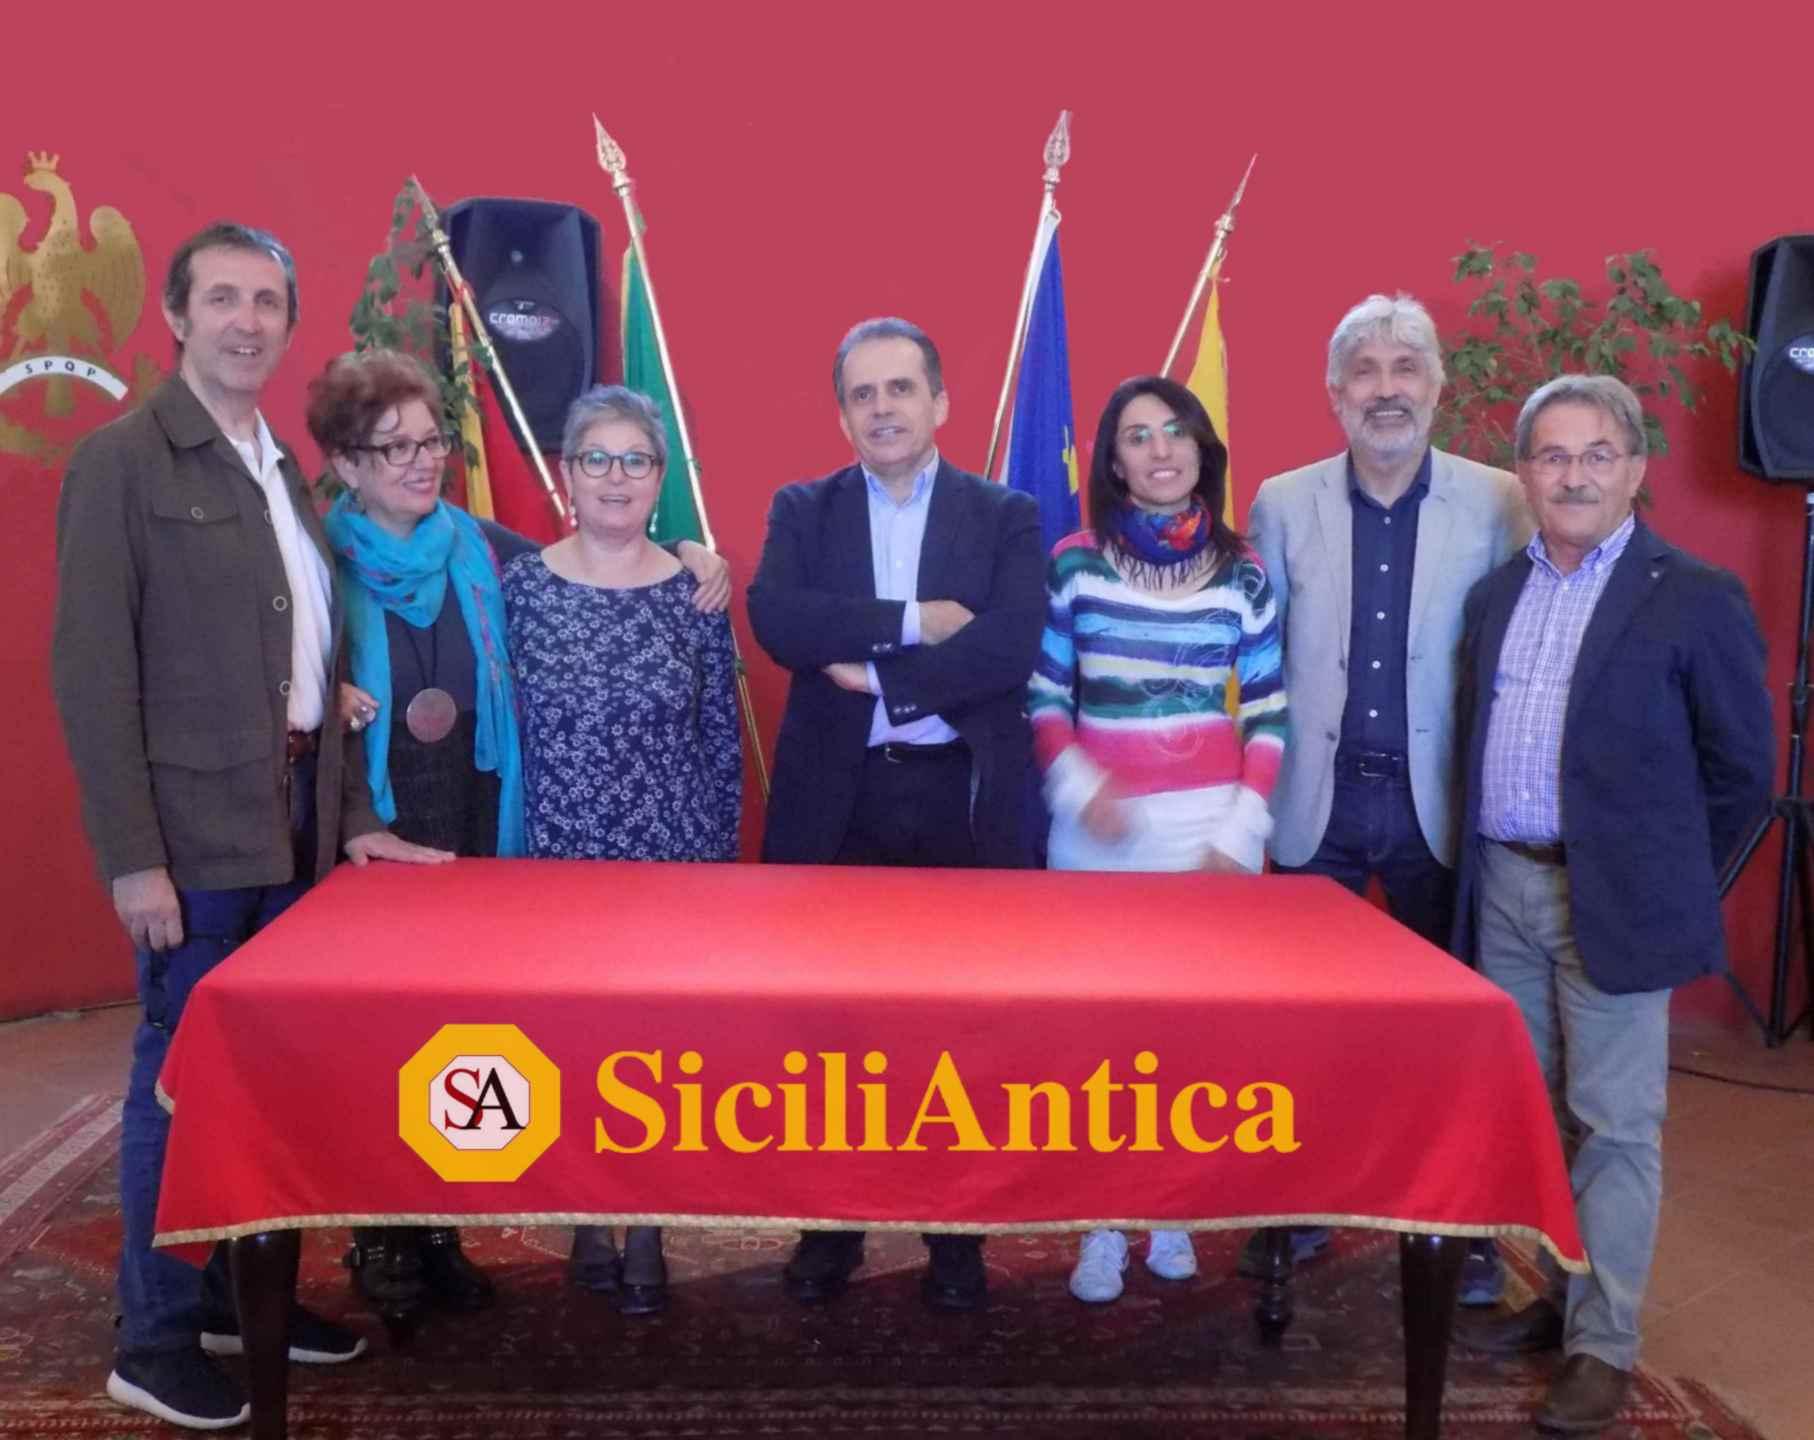 Eletti gli organismi regionali dell'Associazione SiciliAntica